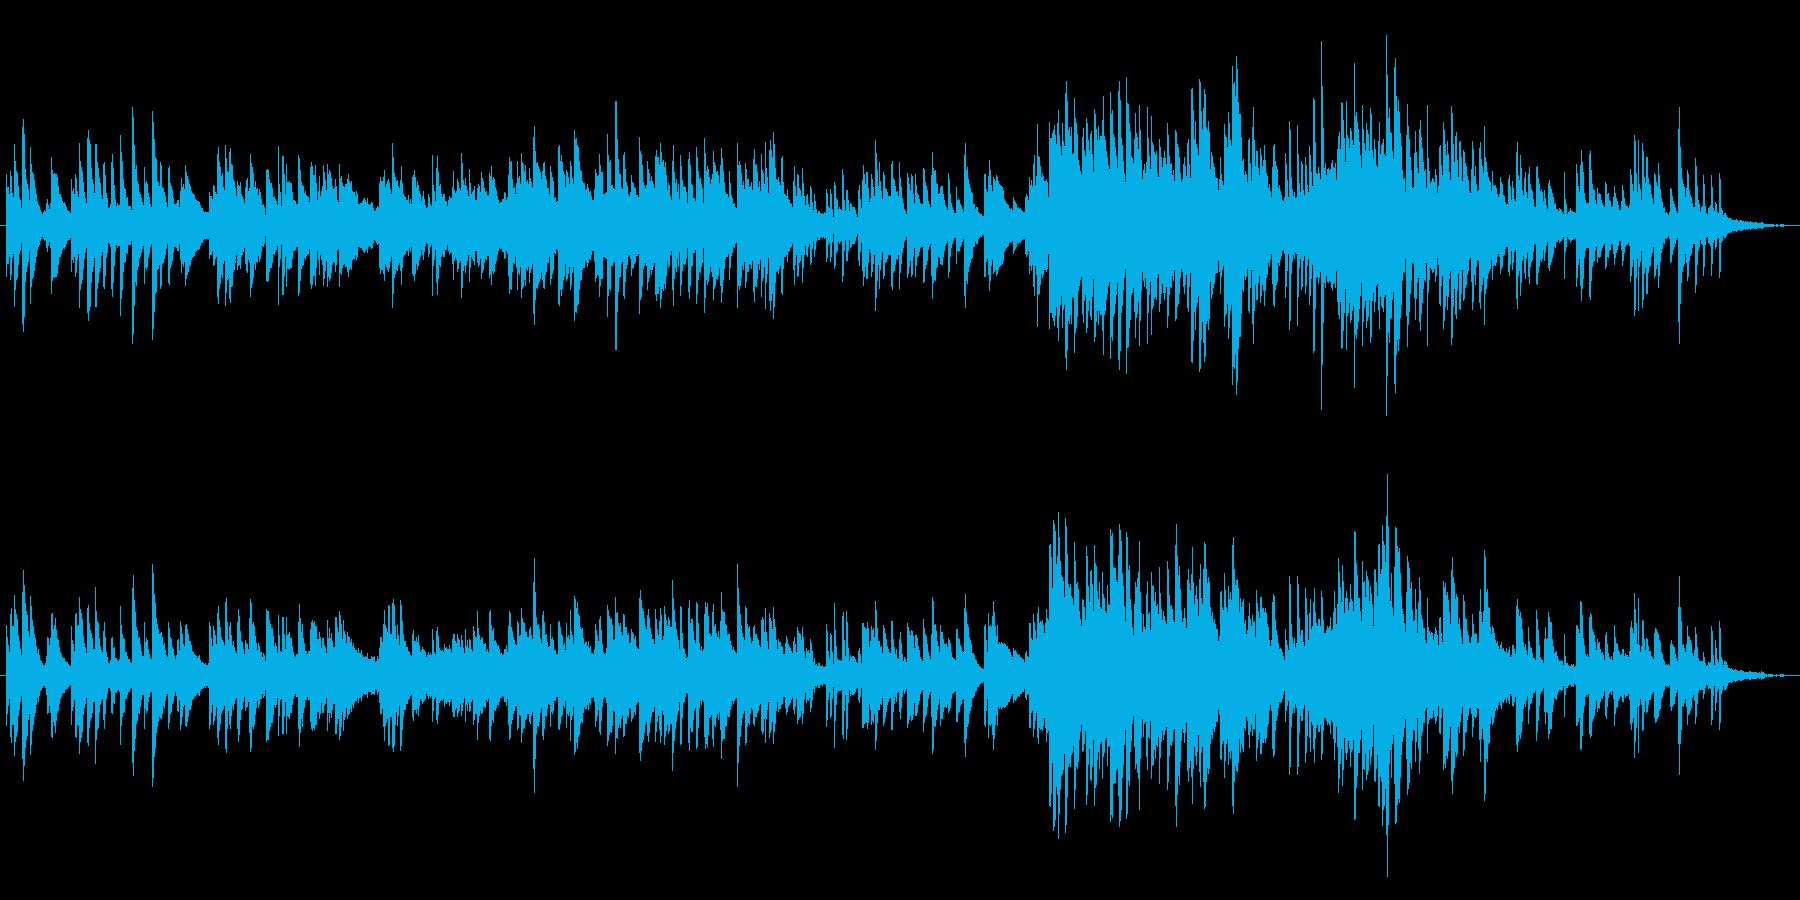 森の中の空気や水を表した曲の再生済みの波形